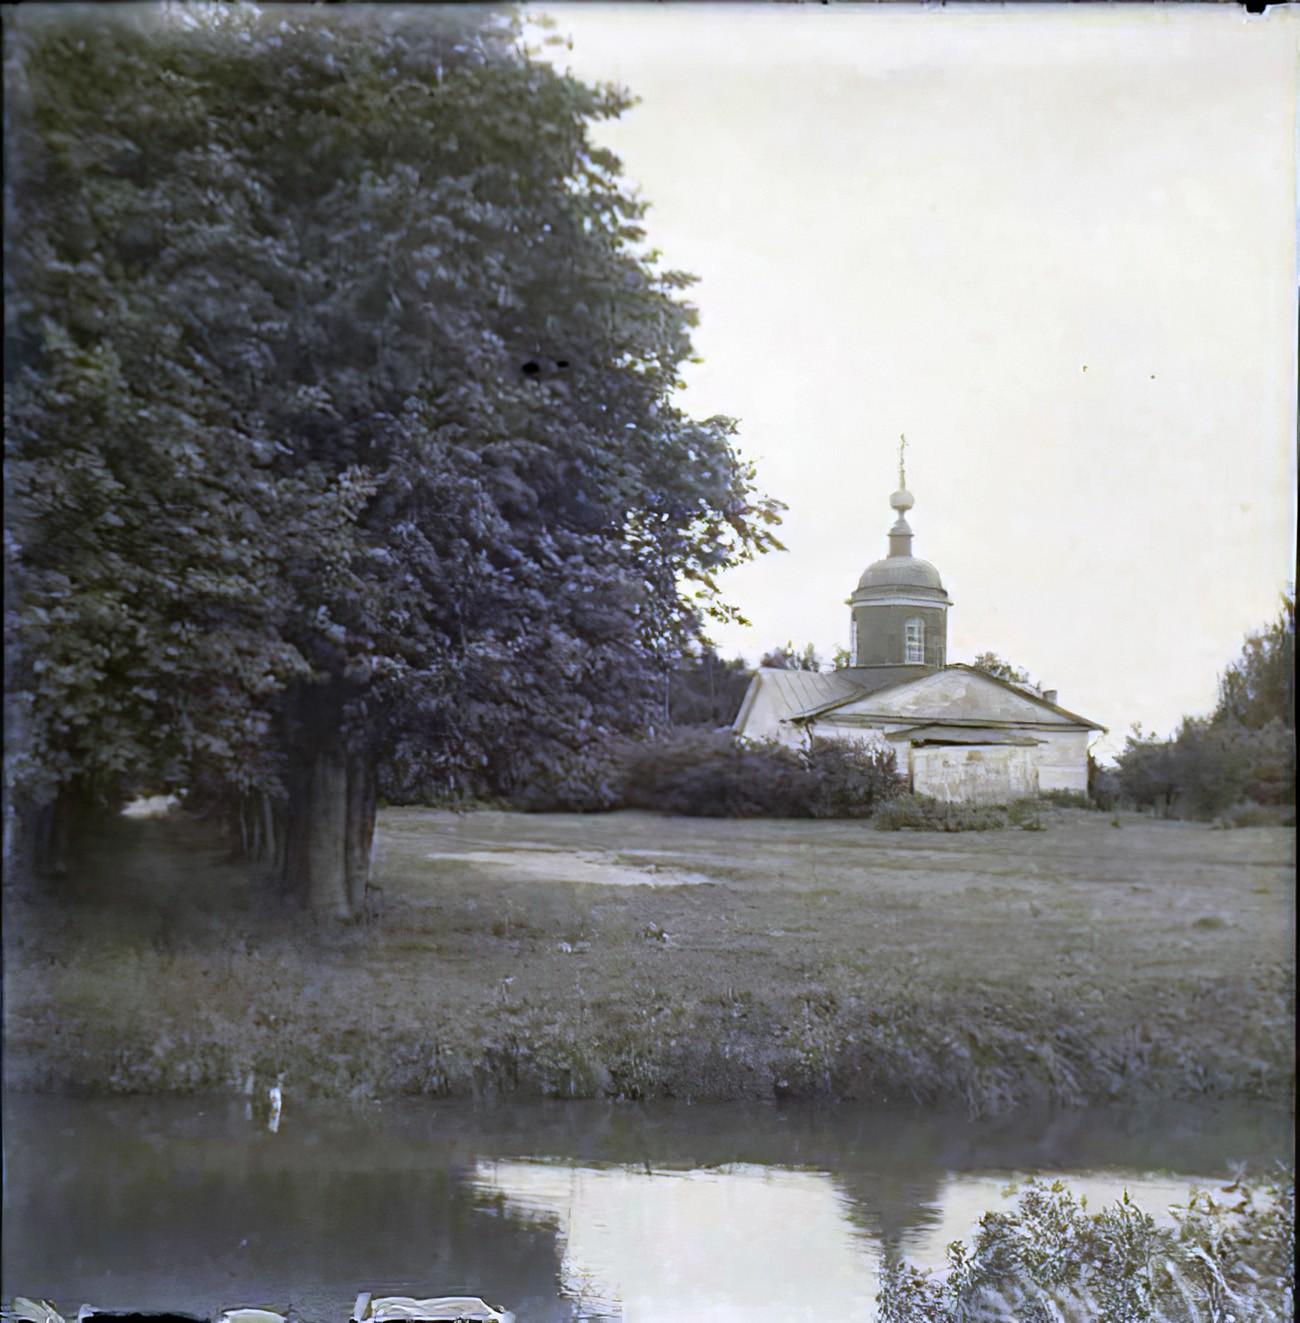 Усадьба Очаково. Троицкая церковь, 1850 г. Общий вид из парка. Торопов С.А._cmpk